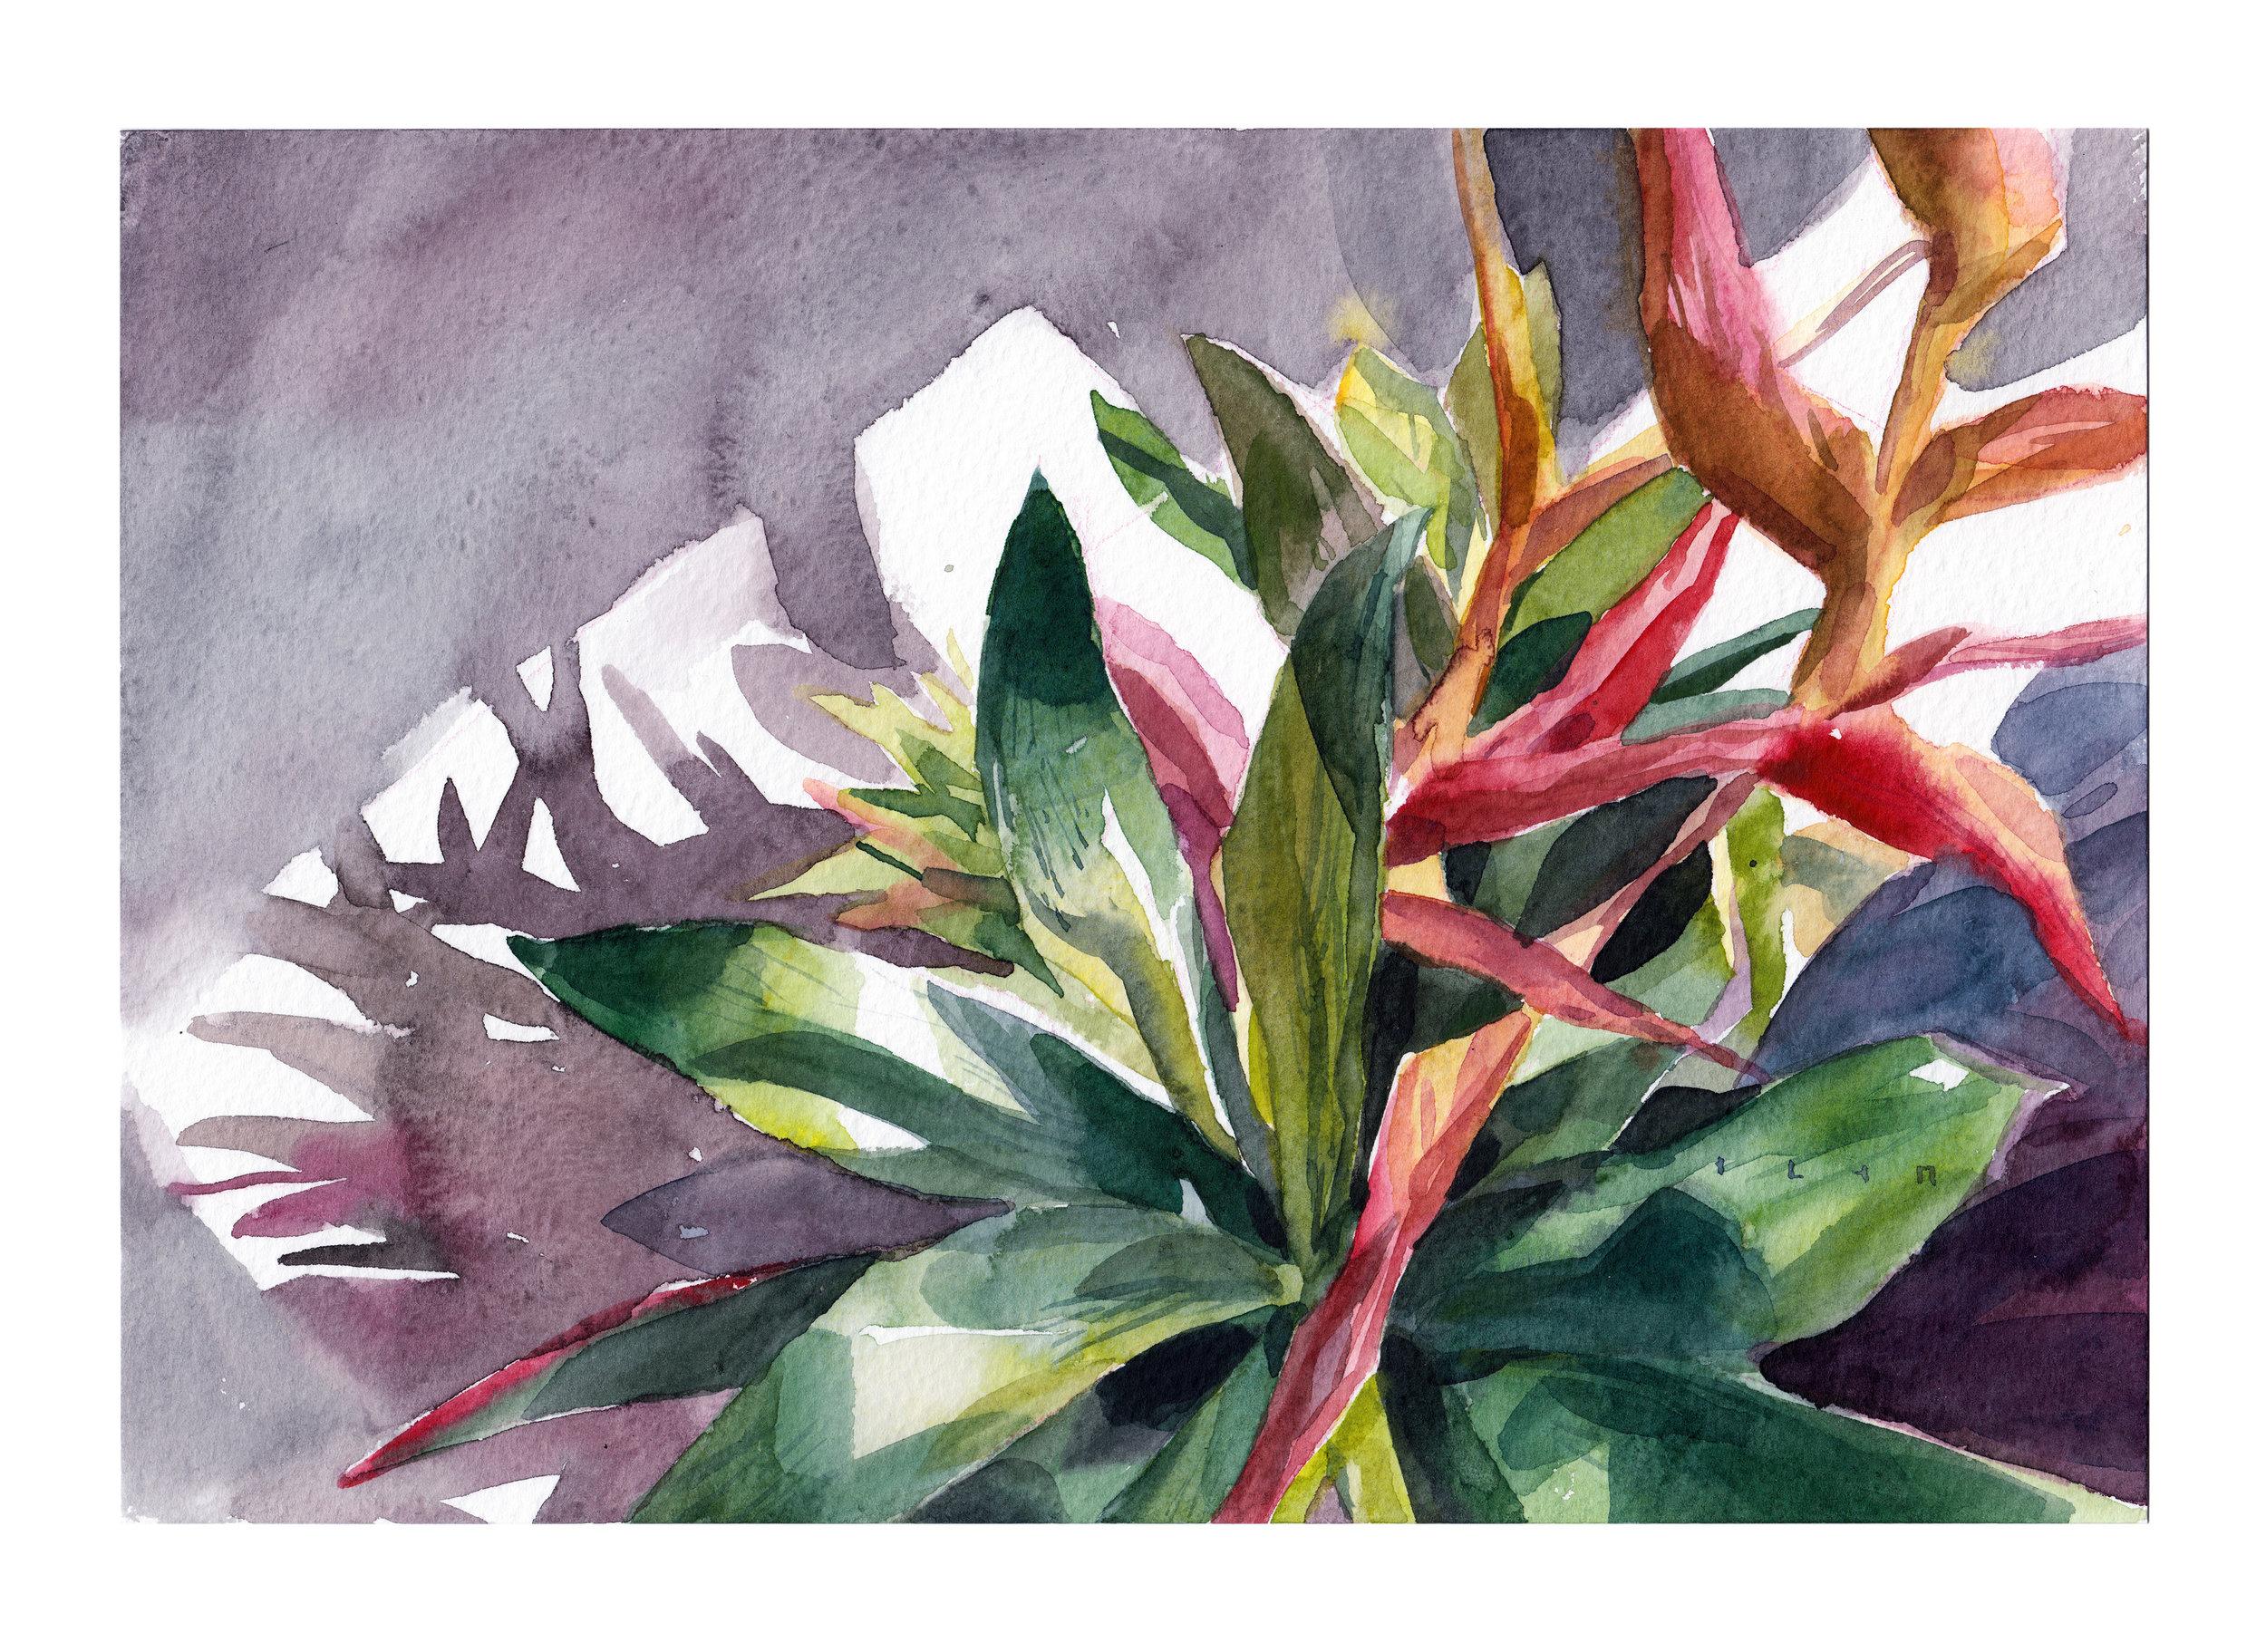 Gabi'sSunset_7.5x11_watercolorcoldpressed_300.jpg